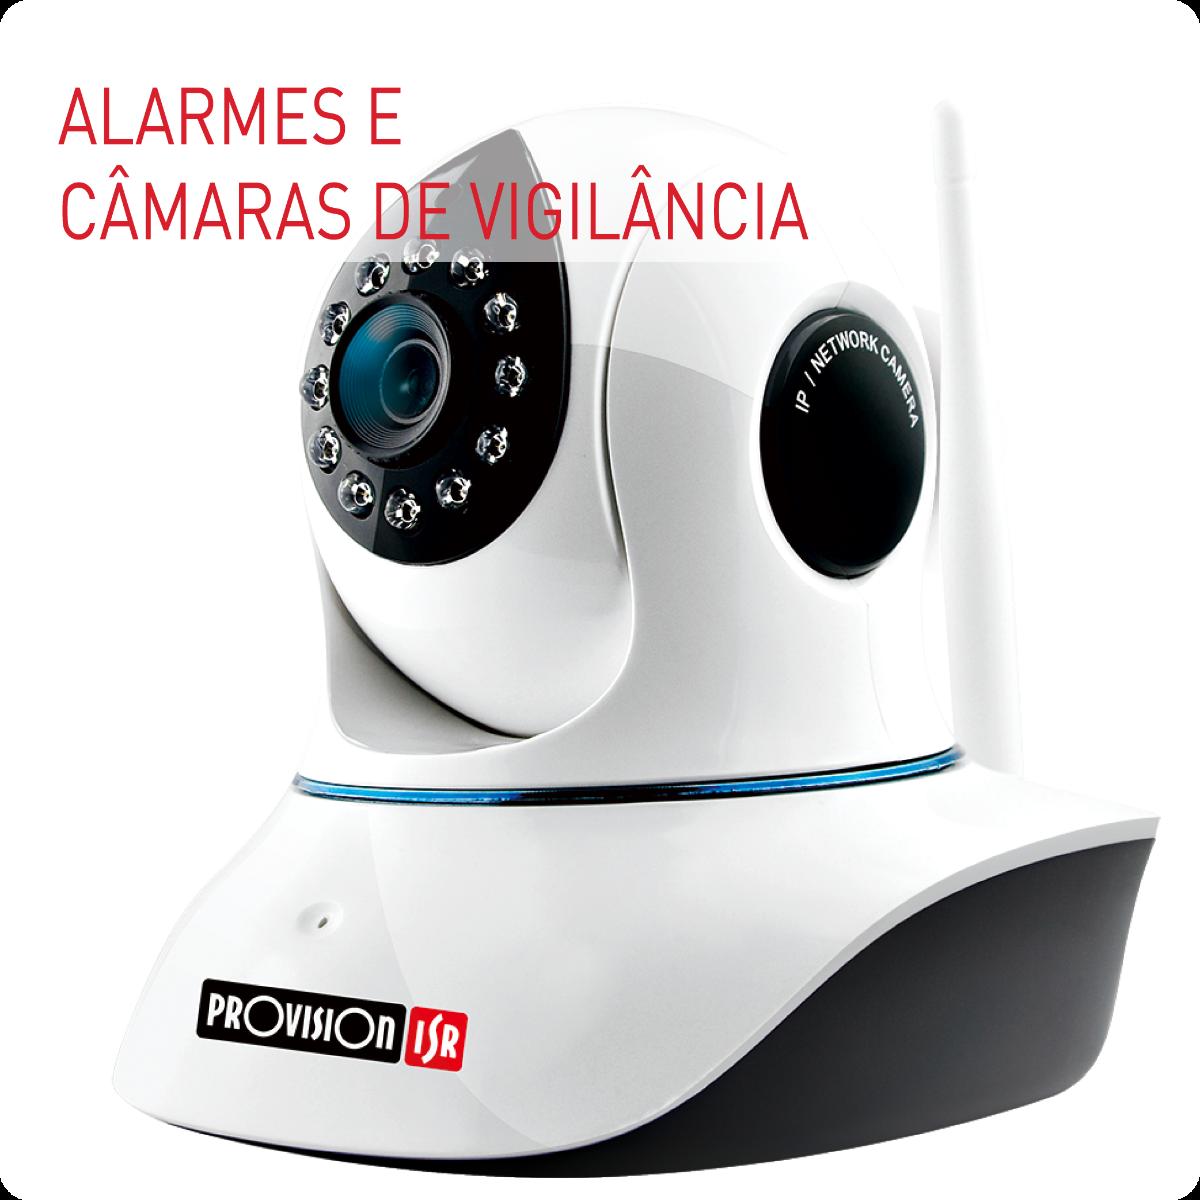 Alarmes e CCTV